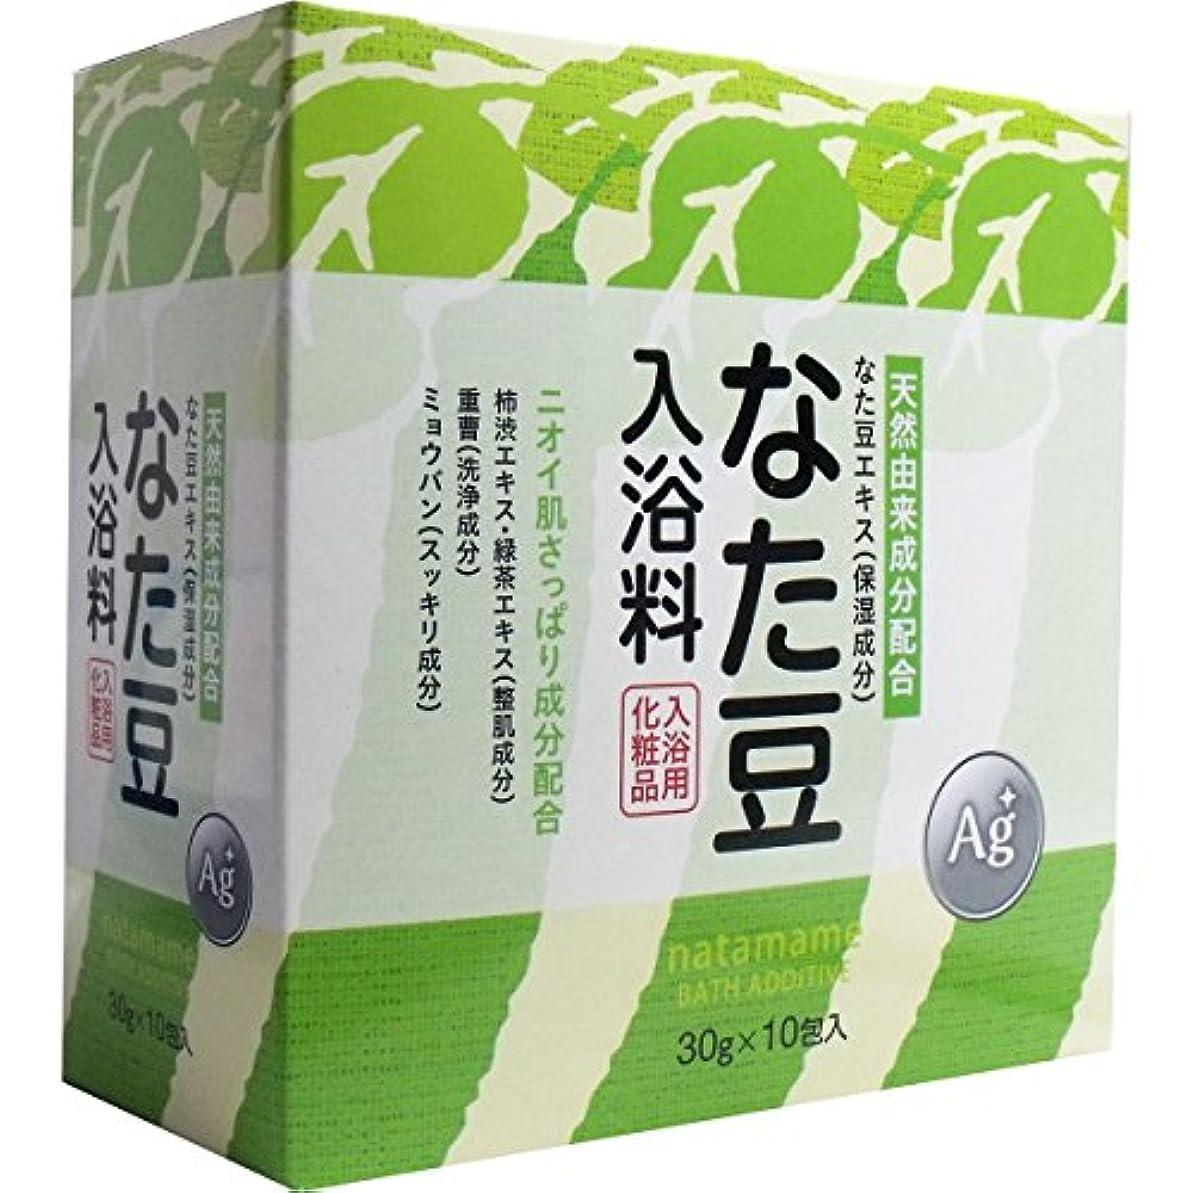 主に代名詞つかいます天然由来成分配合 なた豆入浴料 入浴用化粧品 30g×10包入